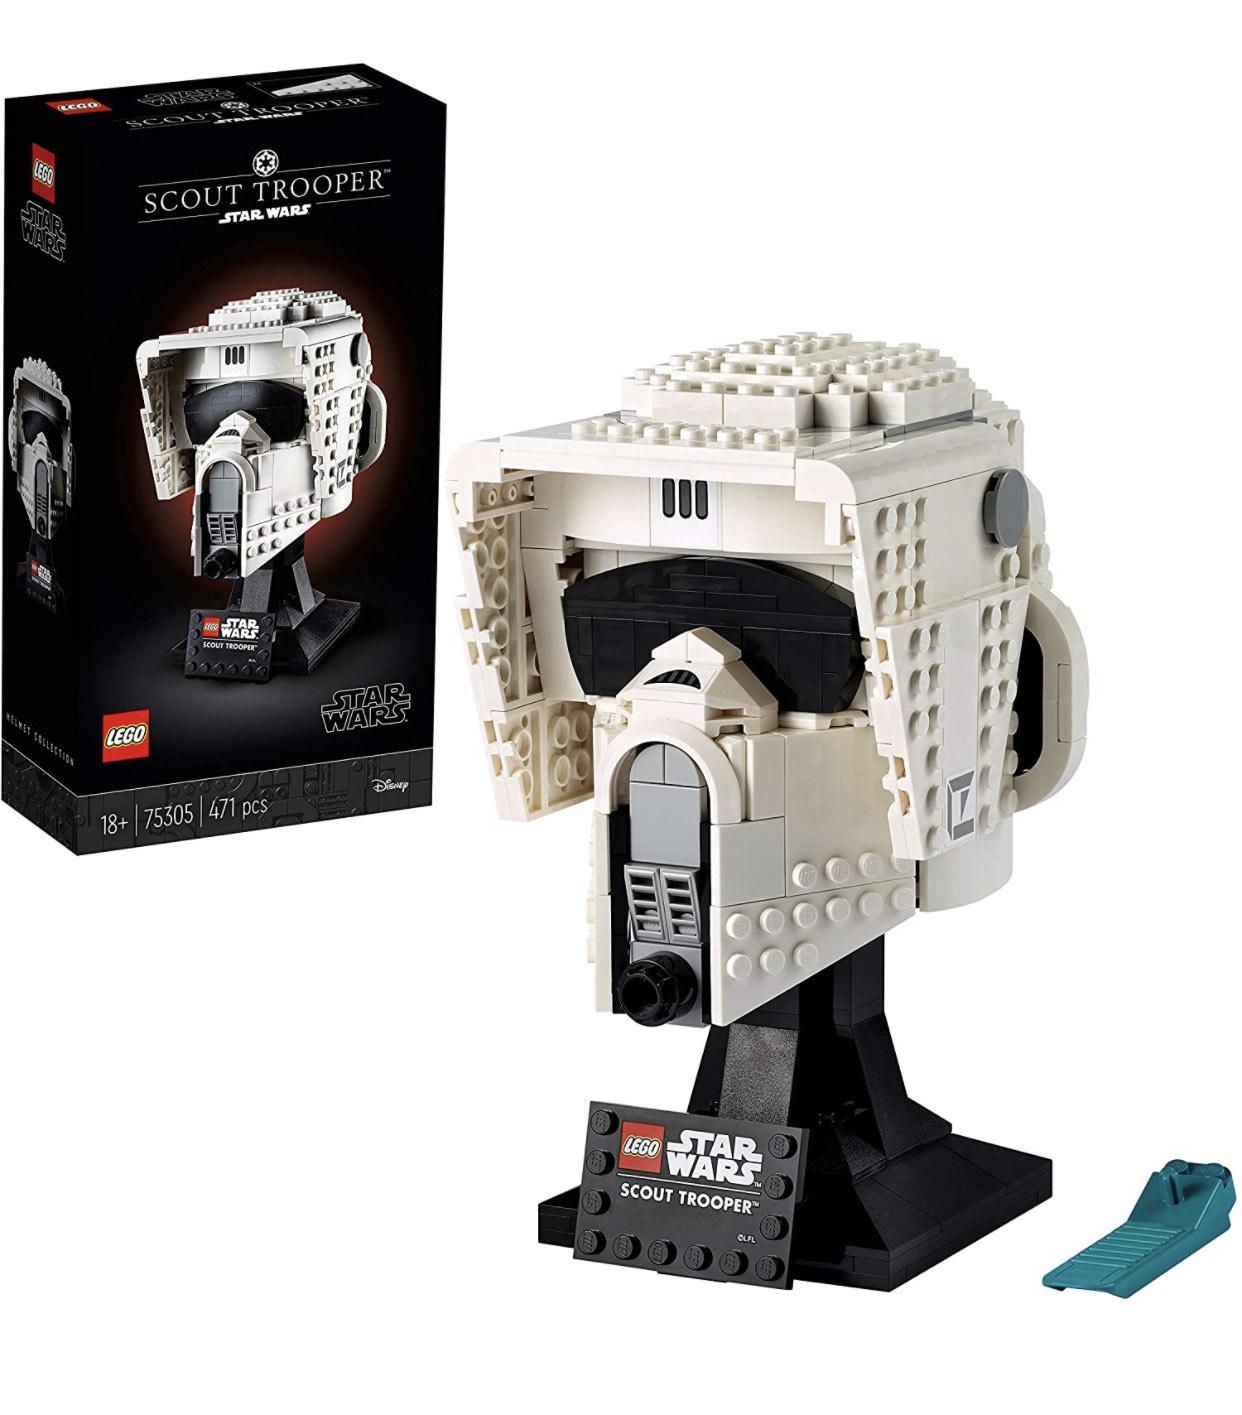 LEGO 75305 Star Wars Scout Trooper Helm